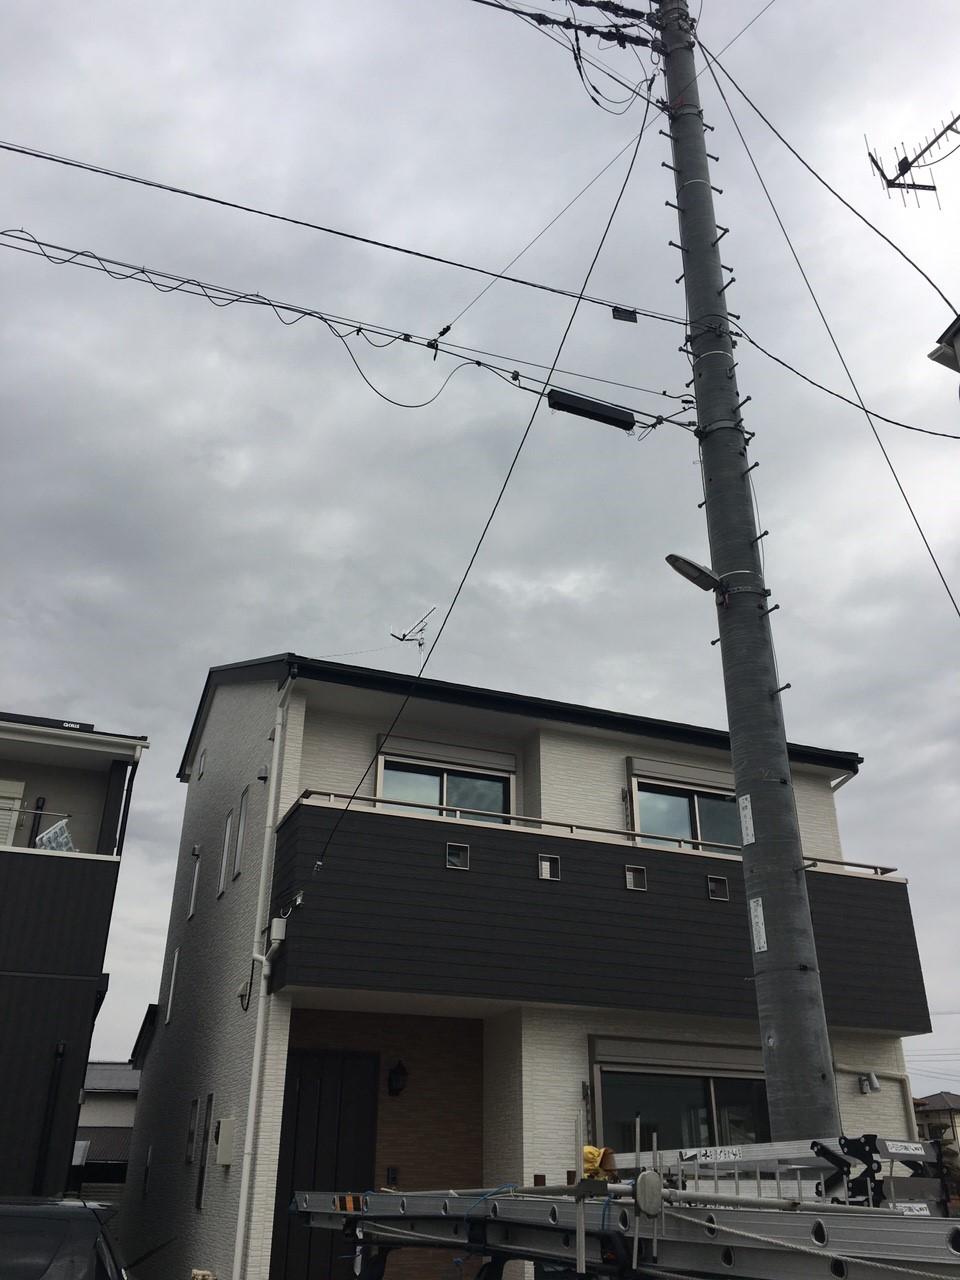 224 平塚市 波多野様_4576